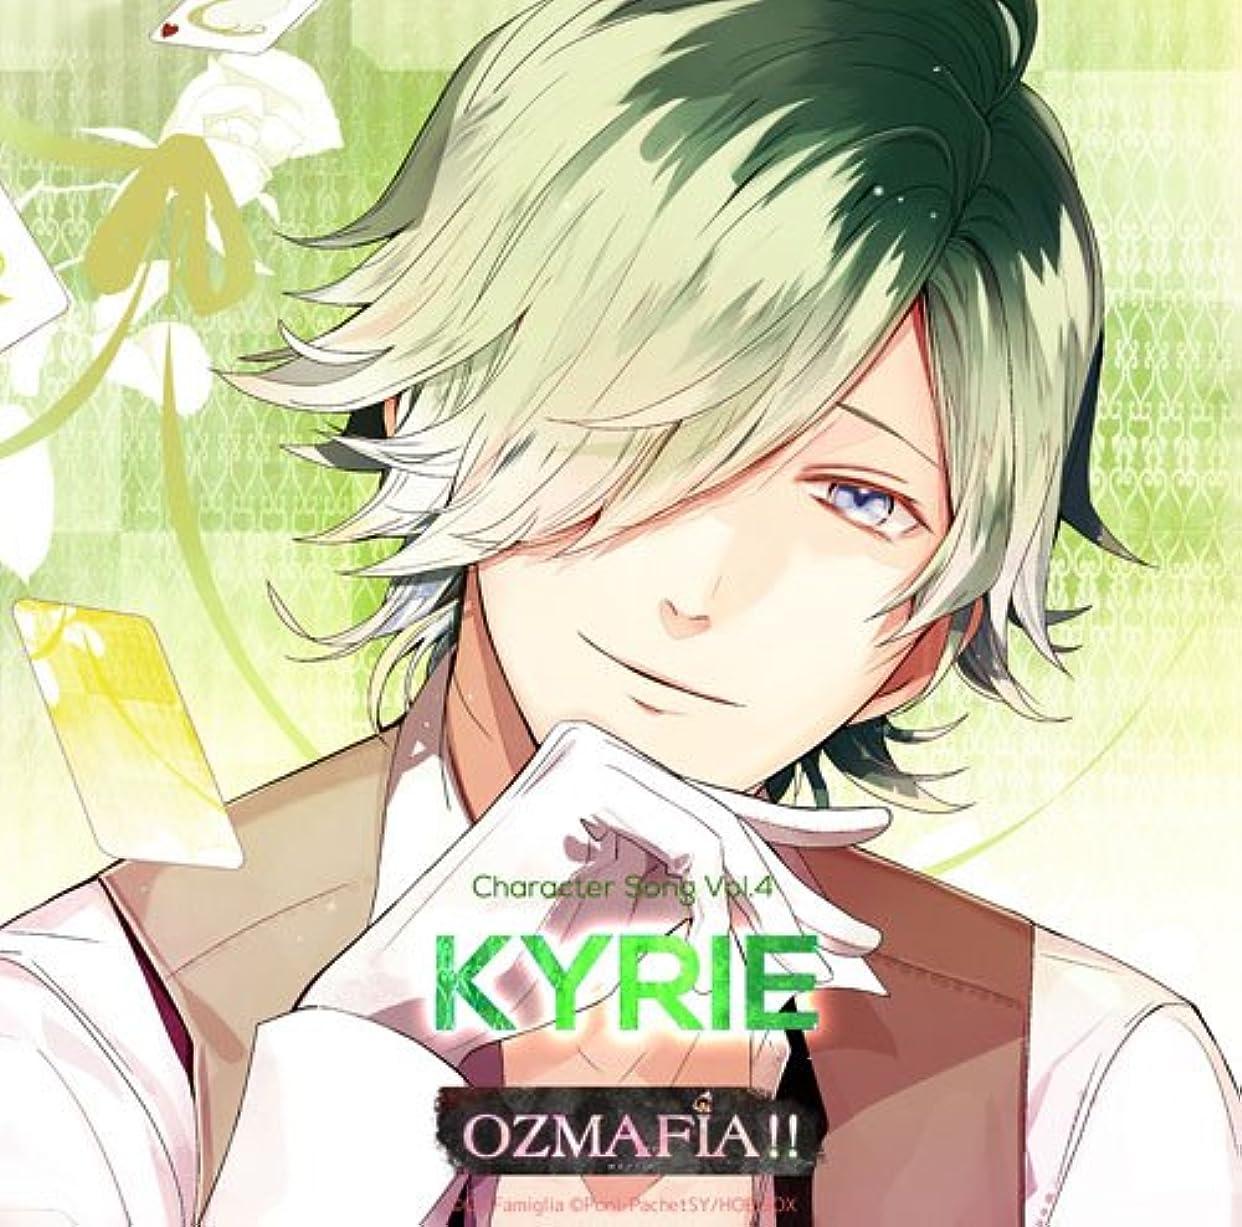 明快再開ディスクOZMAFIA!! Character Song Vol.4 KYRIE